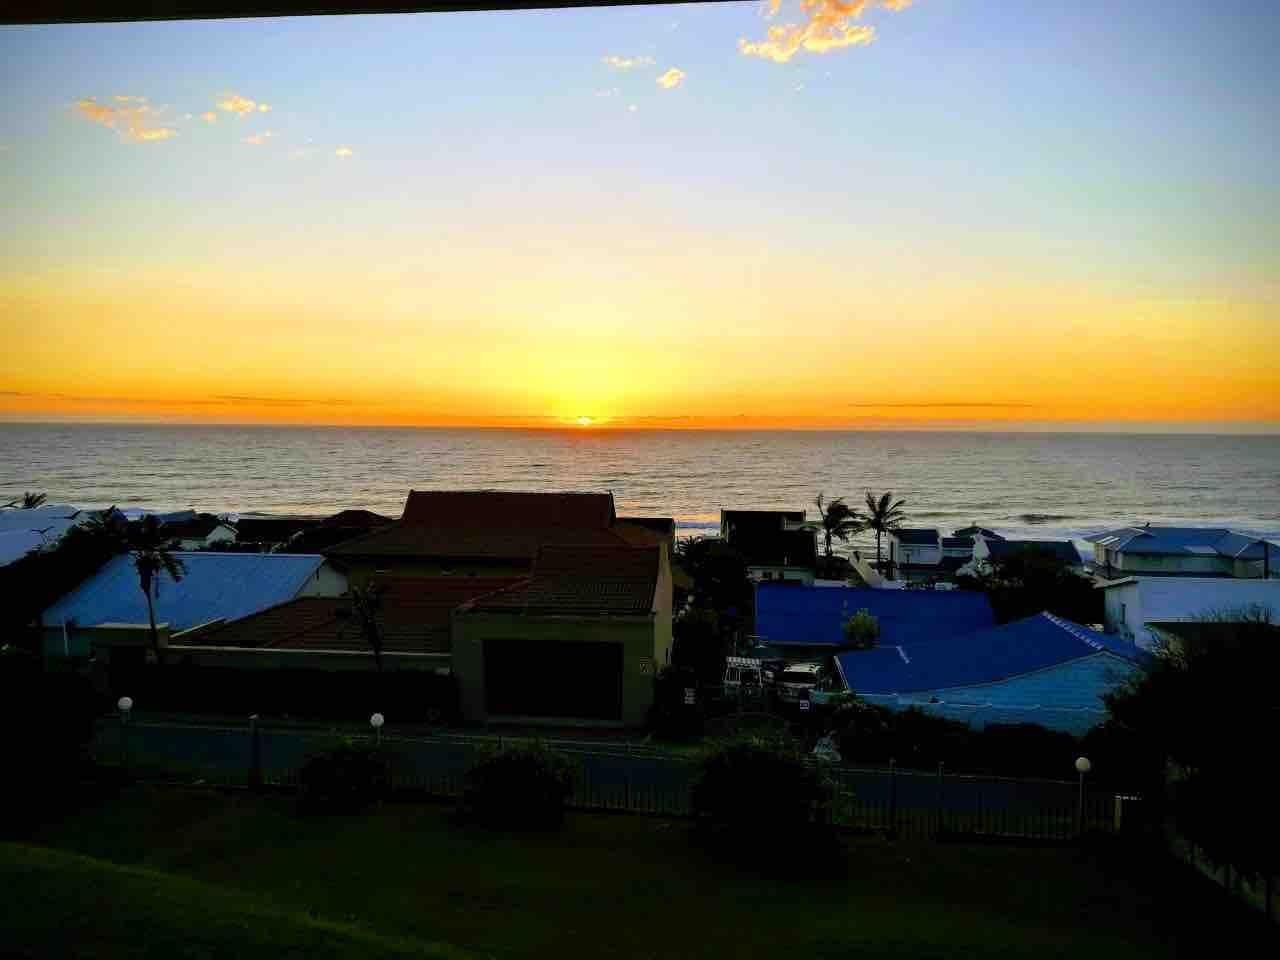 Beautiful summer sunrise seen from the veranda